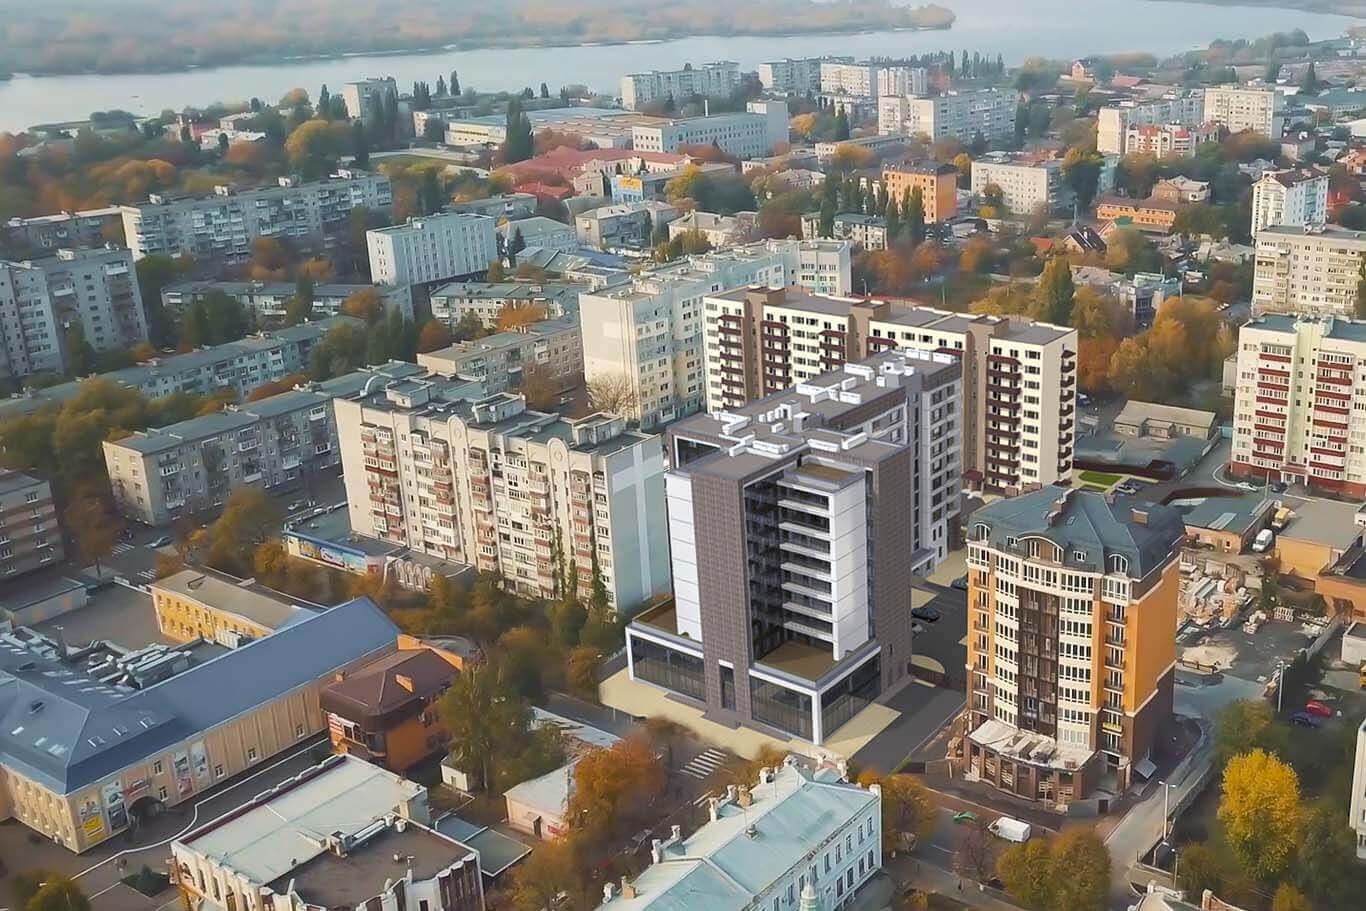 Смотреть фото города Кременчуг 2020. Скачать бесплатно лучшие фото города Кременчуг Украина онлайн с нашего сайта.